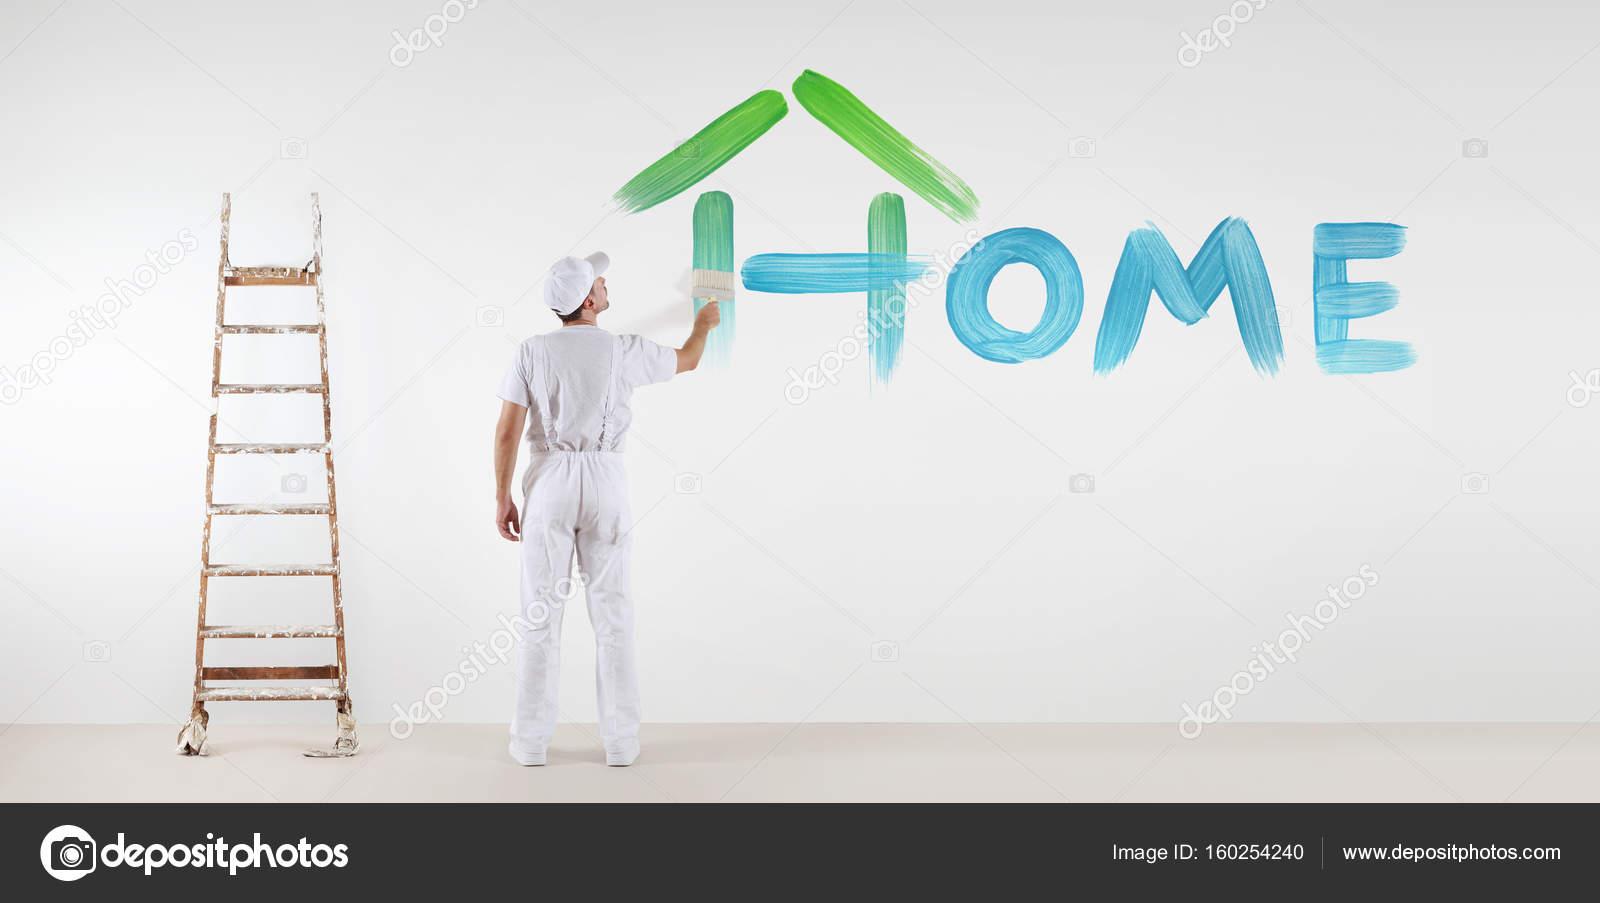 Maler-Mann mit Farbe Pinsel malen nach Hause Text Wort isoliert auf ...